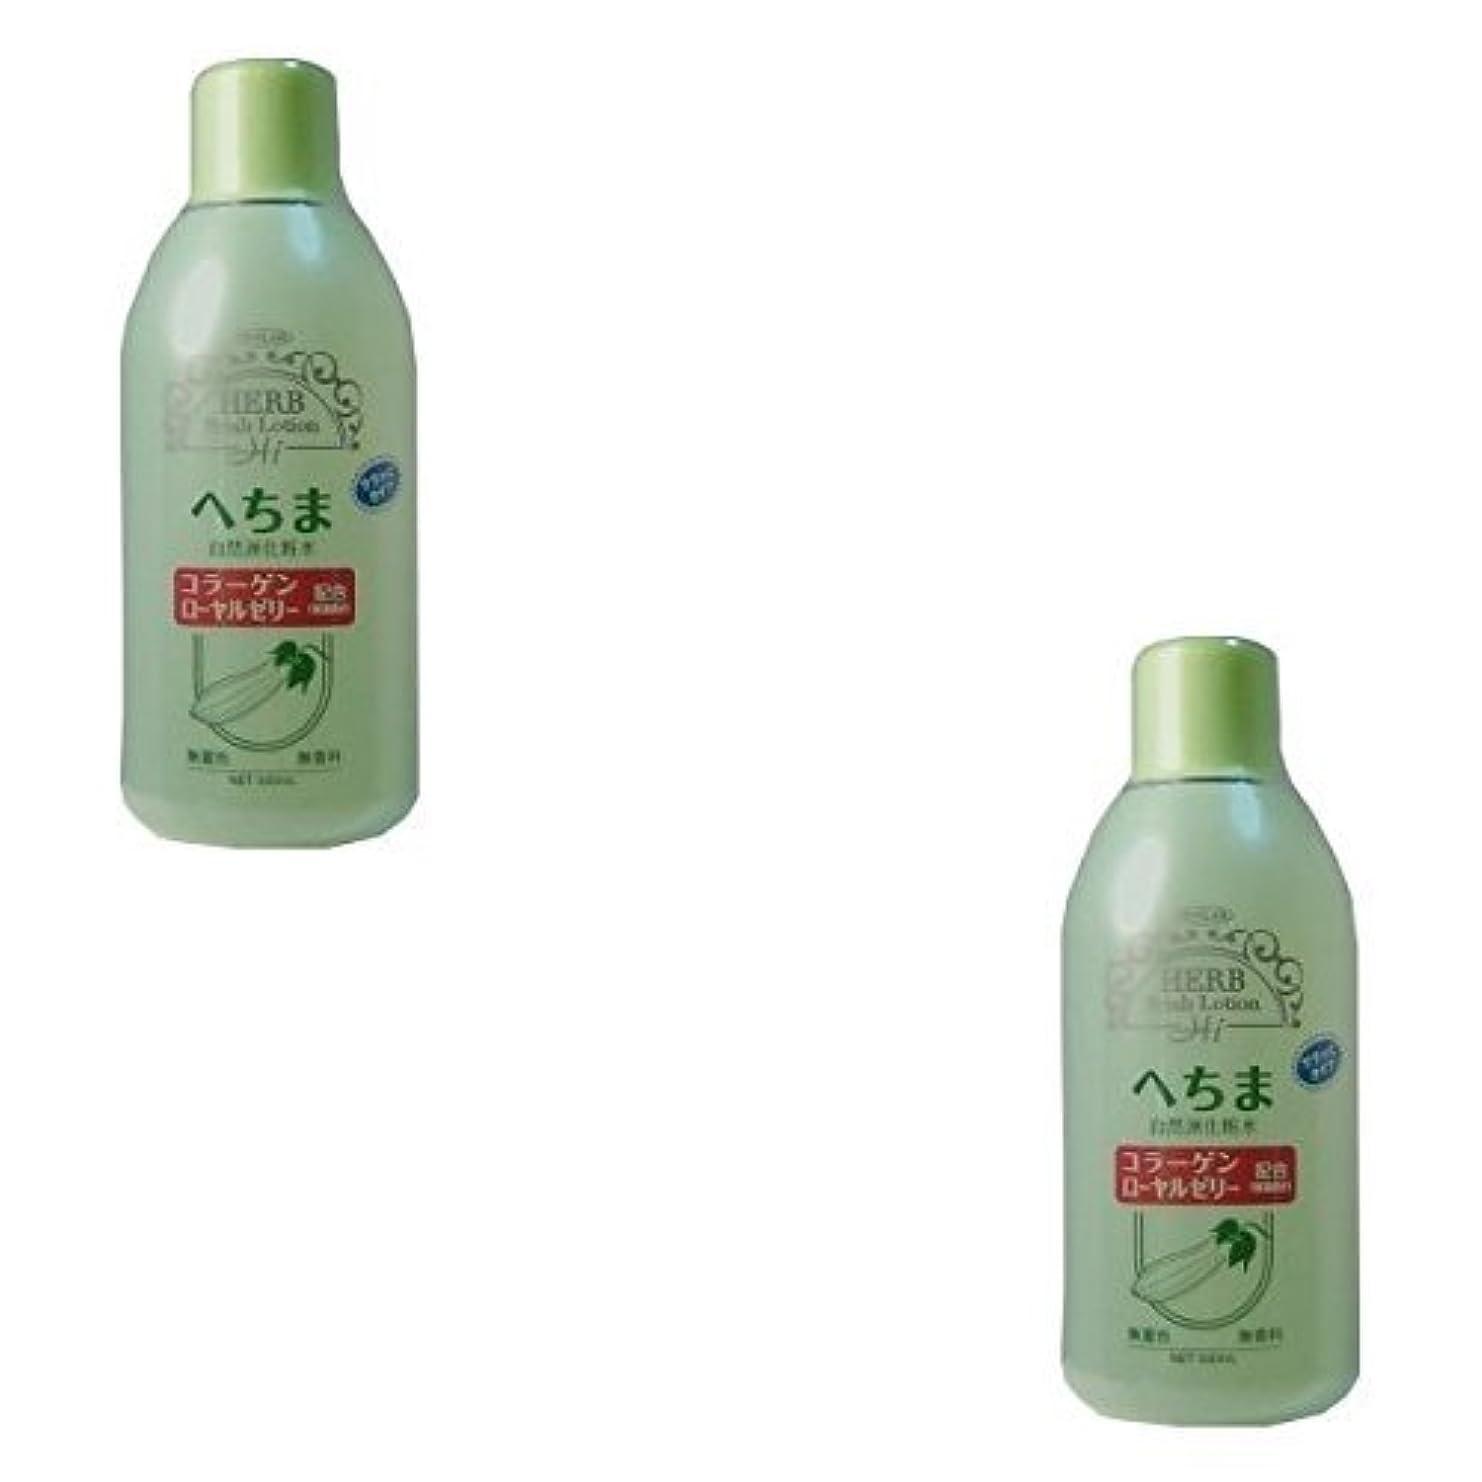 ボンド投資些細【まとめ買い】トプラン へちま化粧水 500ml【×2個】